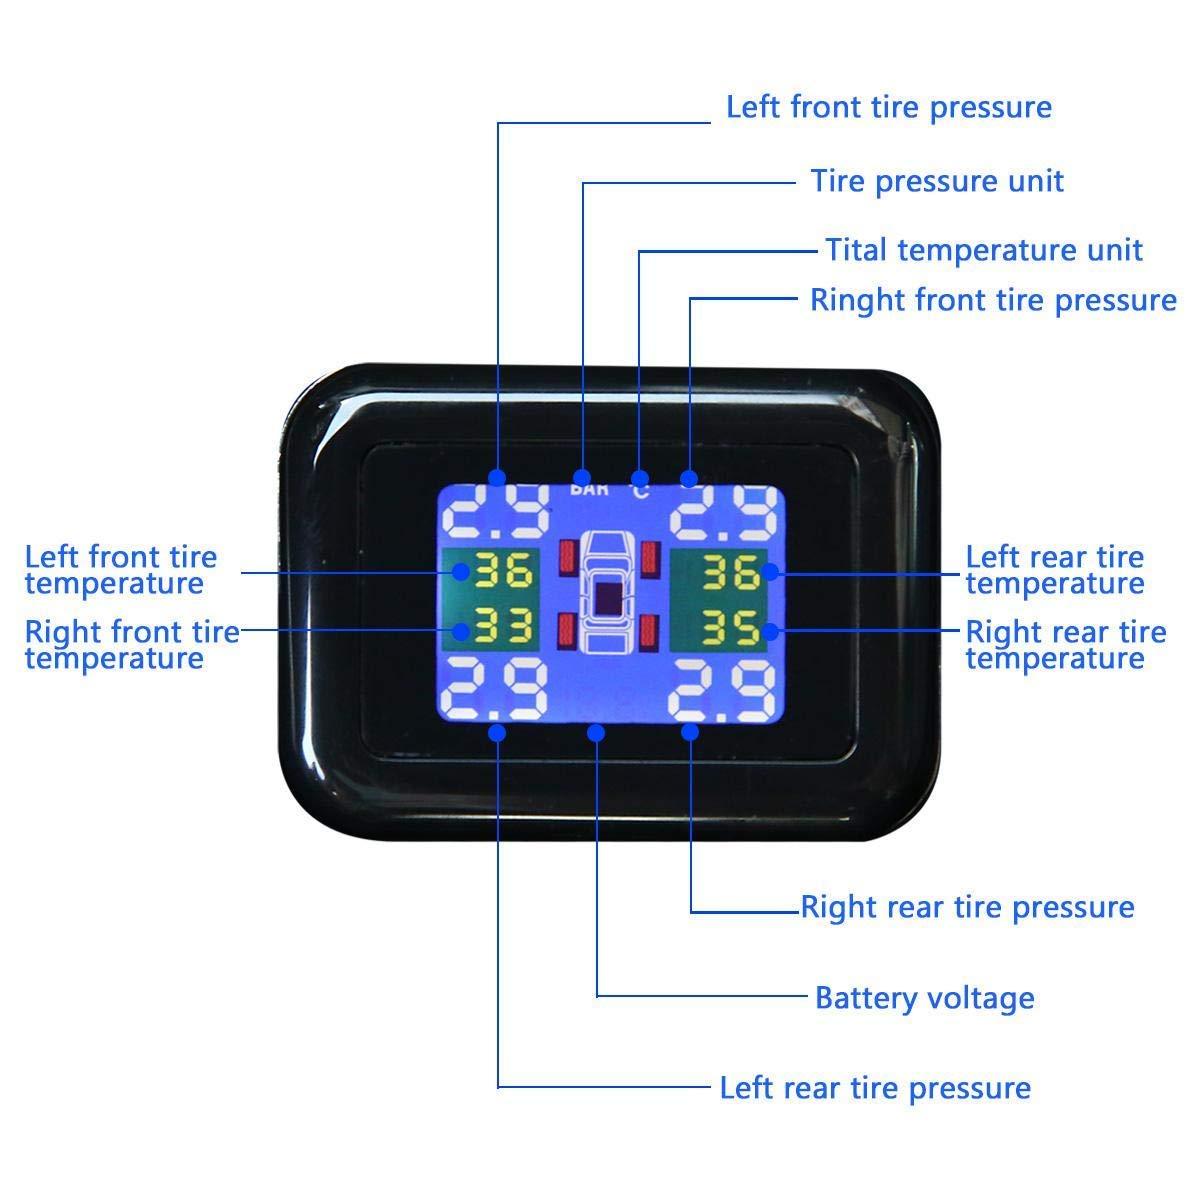 Audio-Alarm und LCD-Display Kabelloser Zigarettenanz/ünder 4 externen Sensoren Foxroar Reifendruckkontrollsystem TPMS Reifendruckpr/üfer mit USB-Ladeanschluss